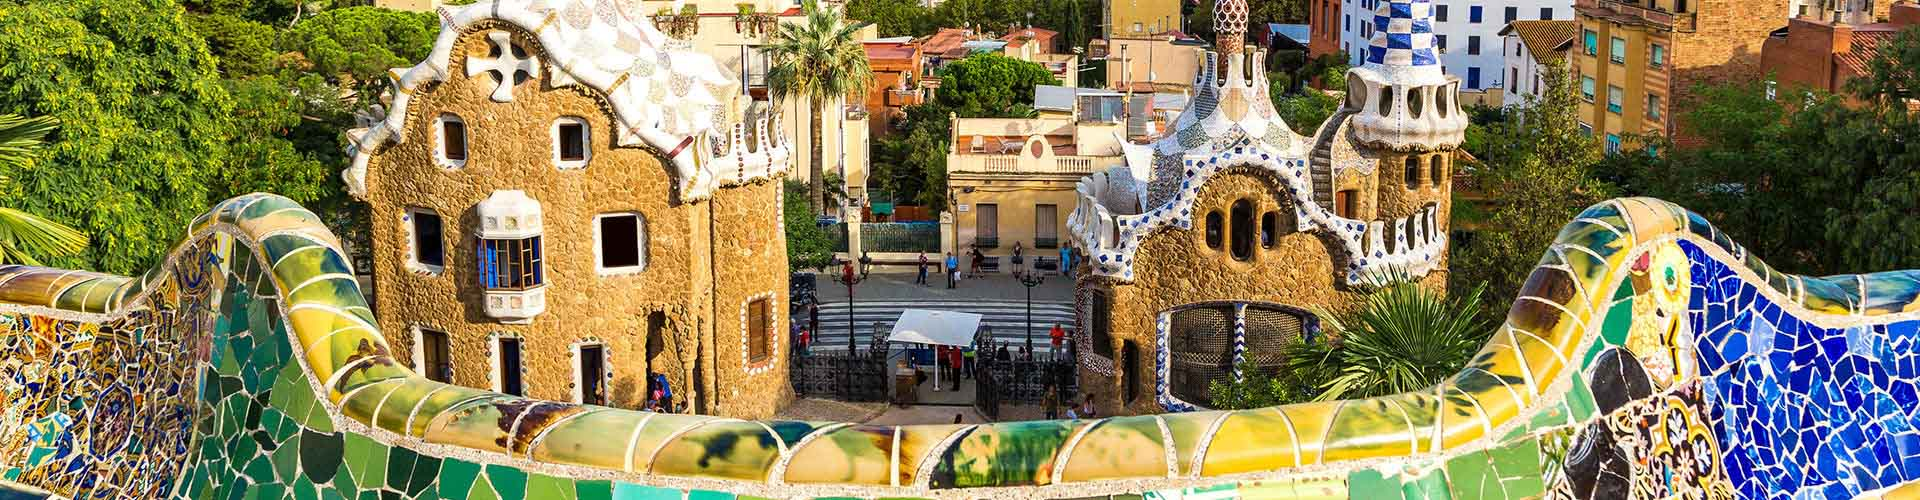 Barcelona - Habitaciones cerca a Park Güell. Mapas de Barcelona, Fotos y comentarios de cada Habitación en Barcelona.